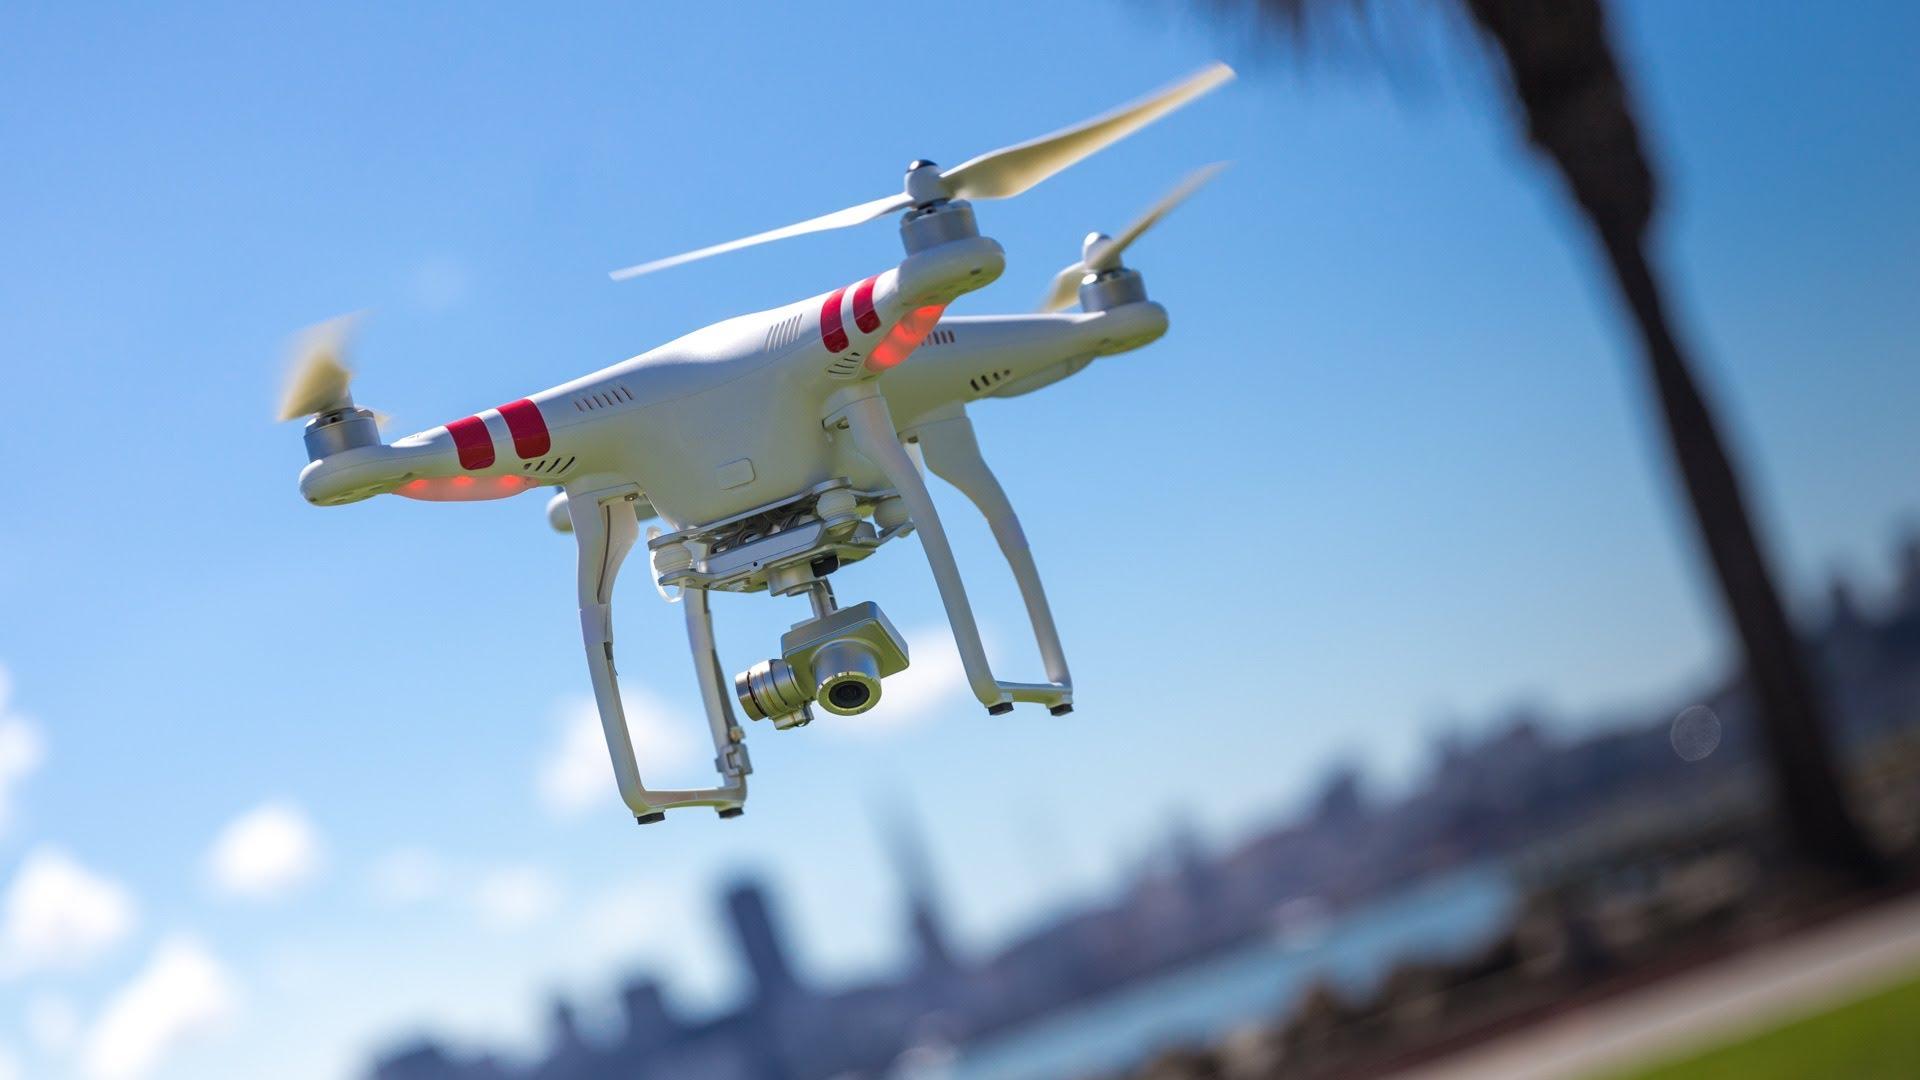 Este proyecto pretende crear un dispositivo que atrape a otros drones que sobrevuelen áreas restringidas